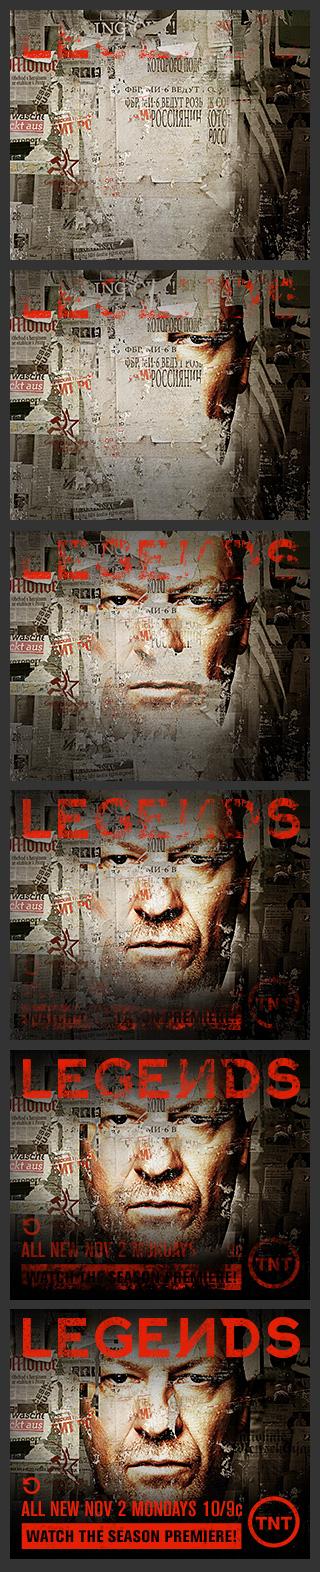 legends_H5_300x250_sequence.jpg